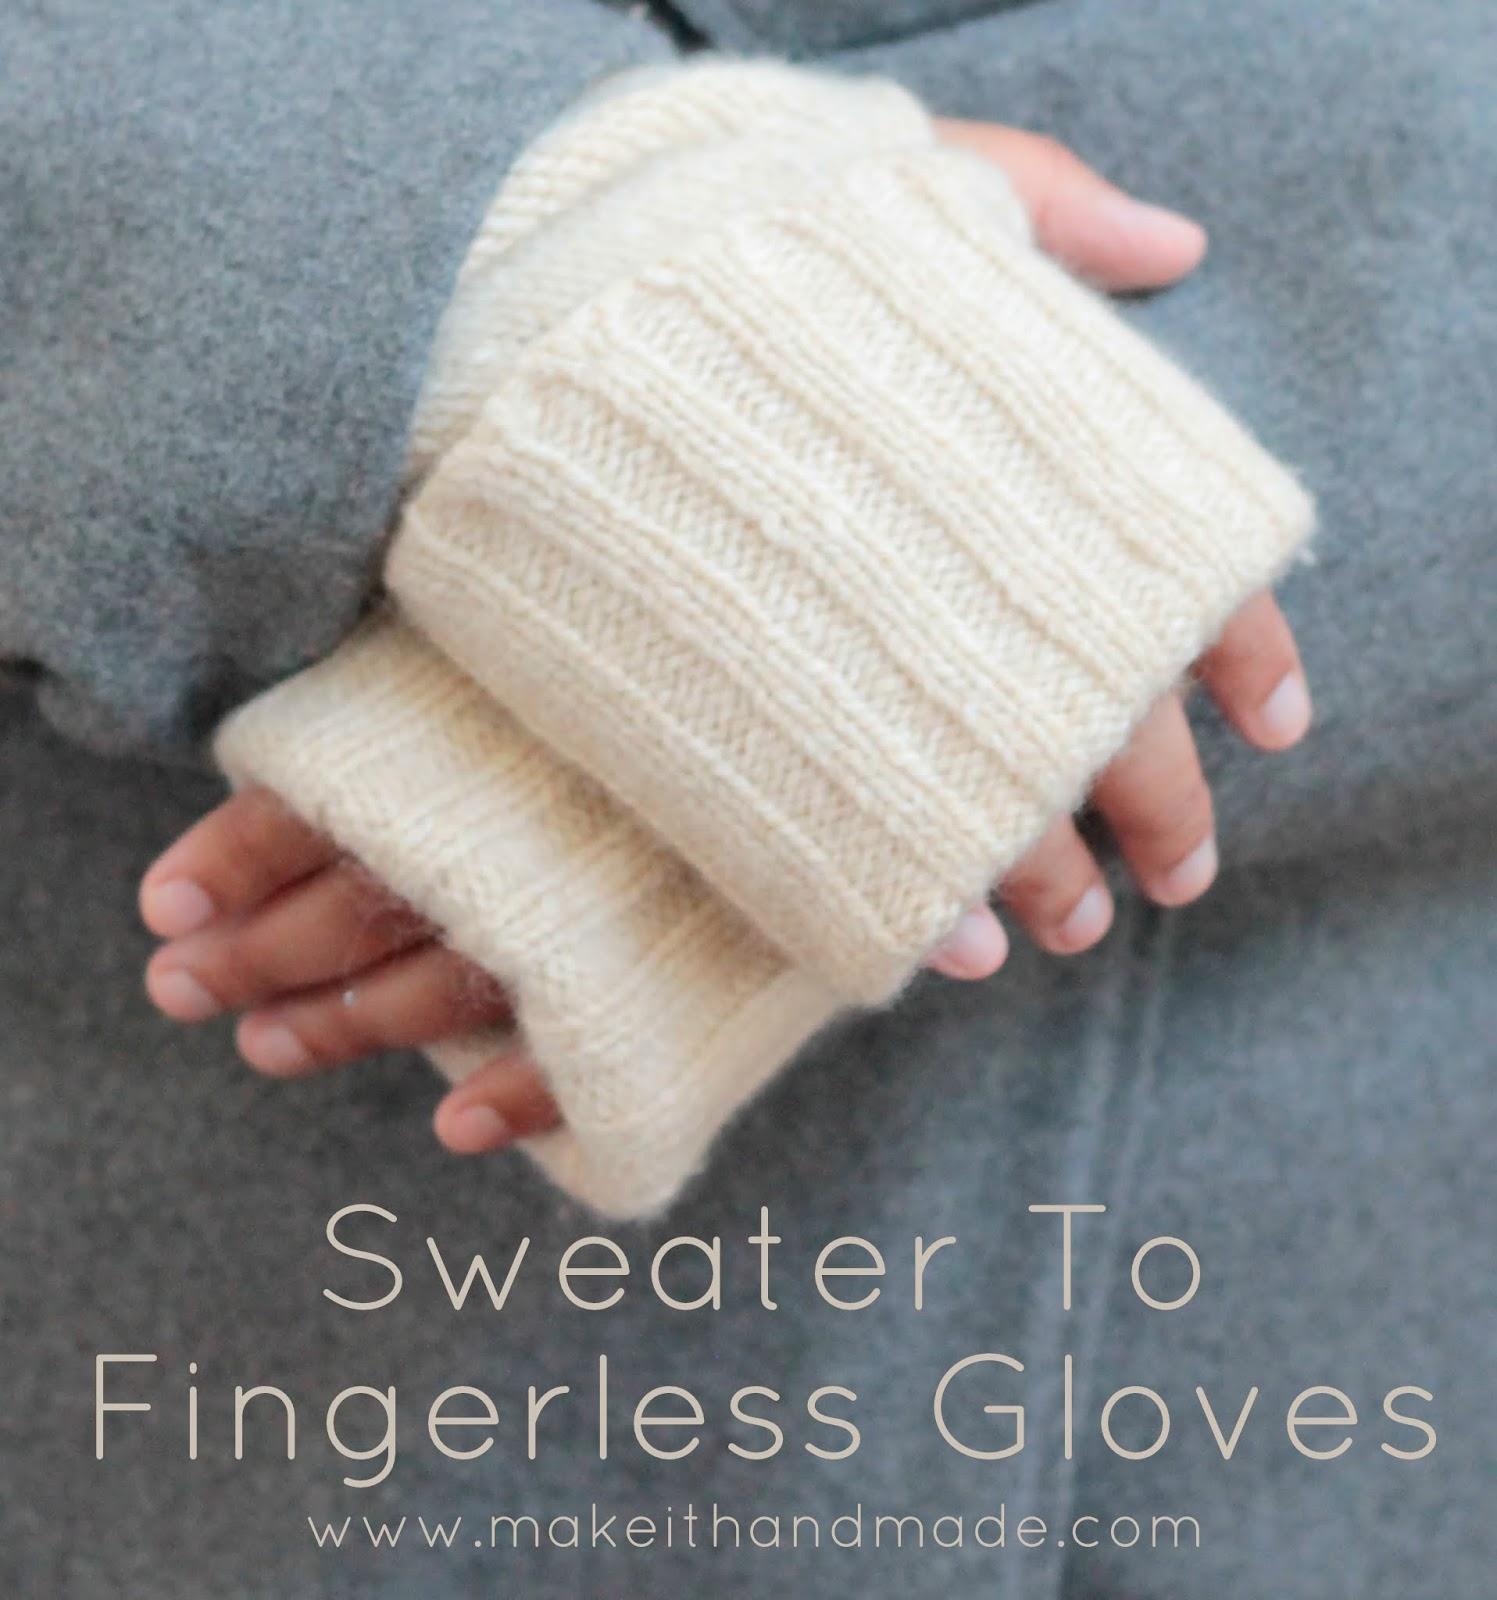 Fingerless gloves diy - Sweater To Fingerless Glove Tutorial From Make It Handmade